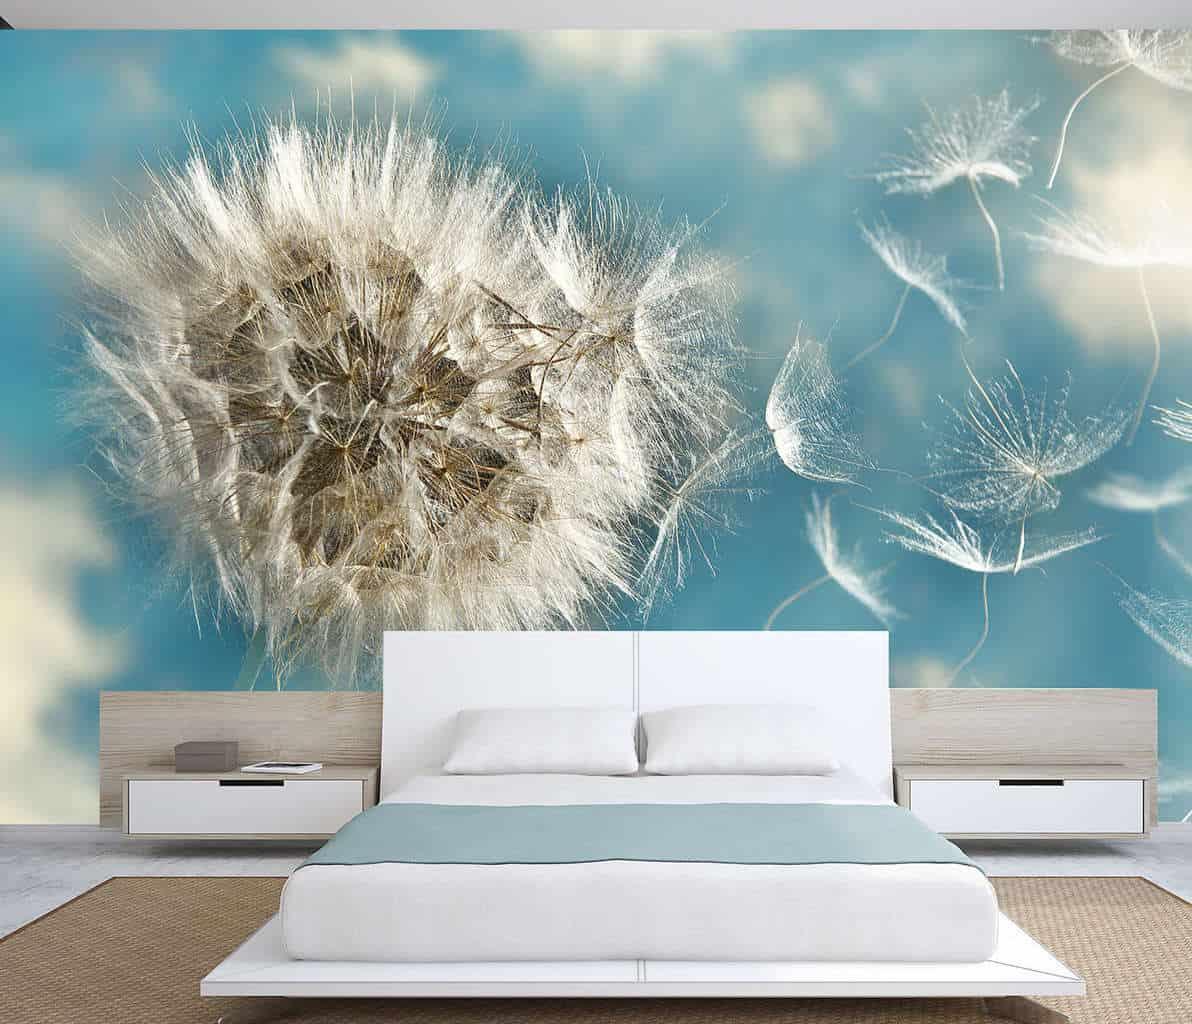 Dandelion flying seeds wall mural